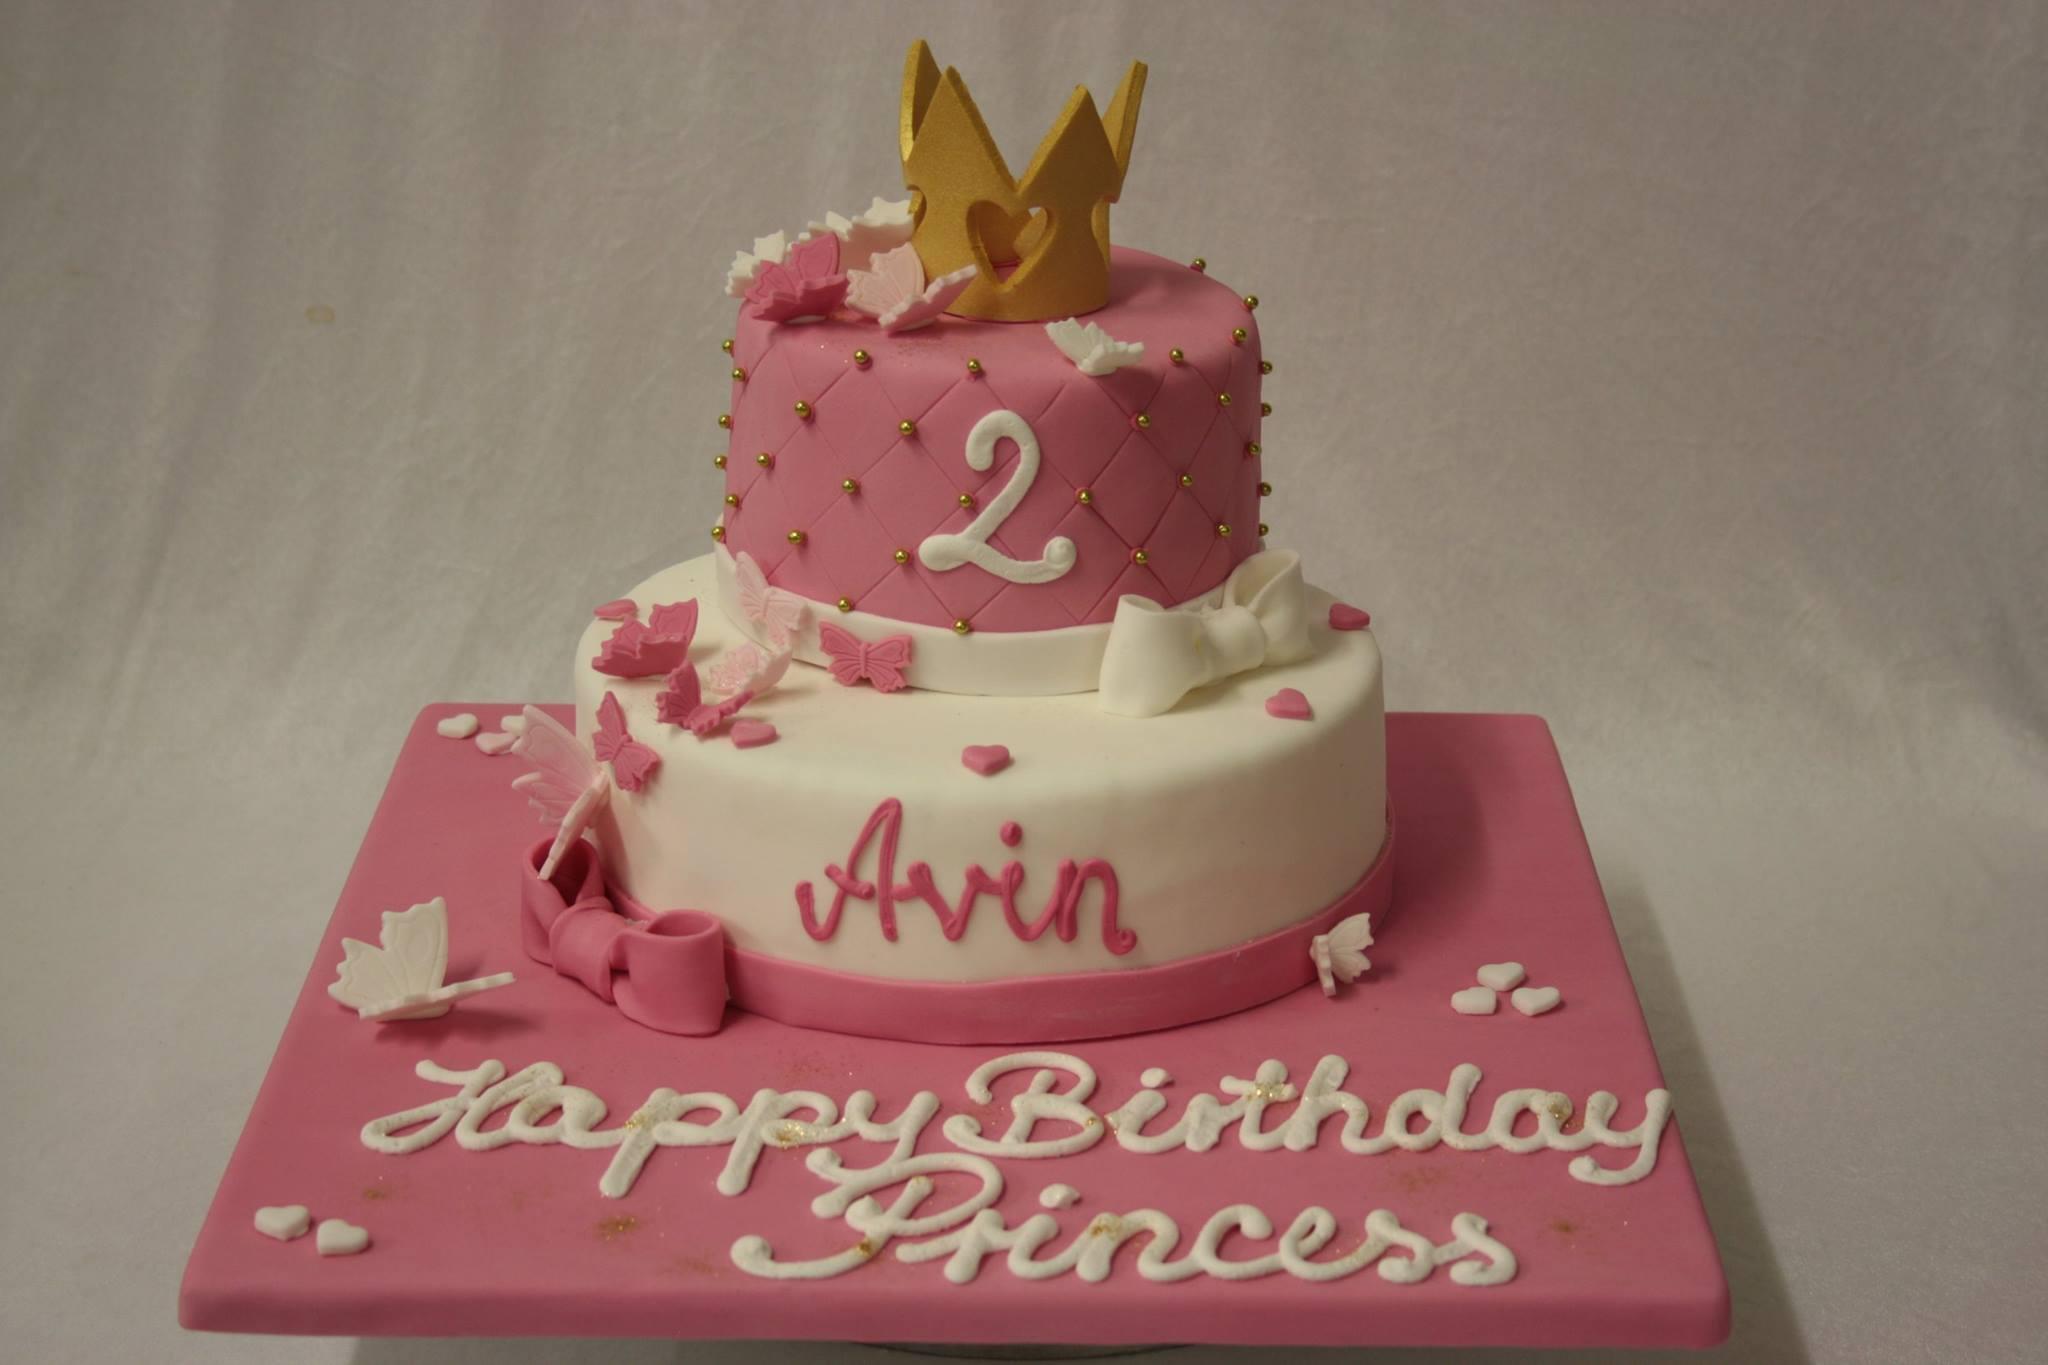 Torte Geburtstag Kind 2 Jahre Hylen Maddawards Com